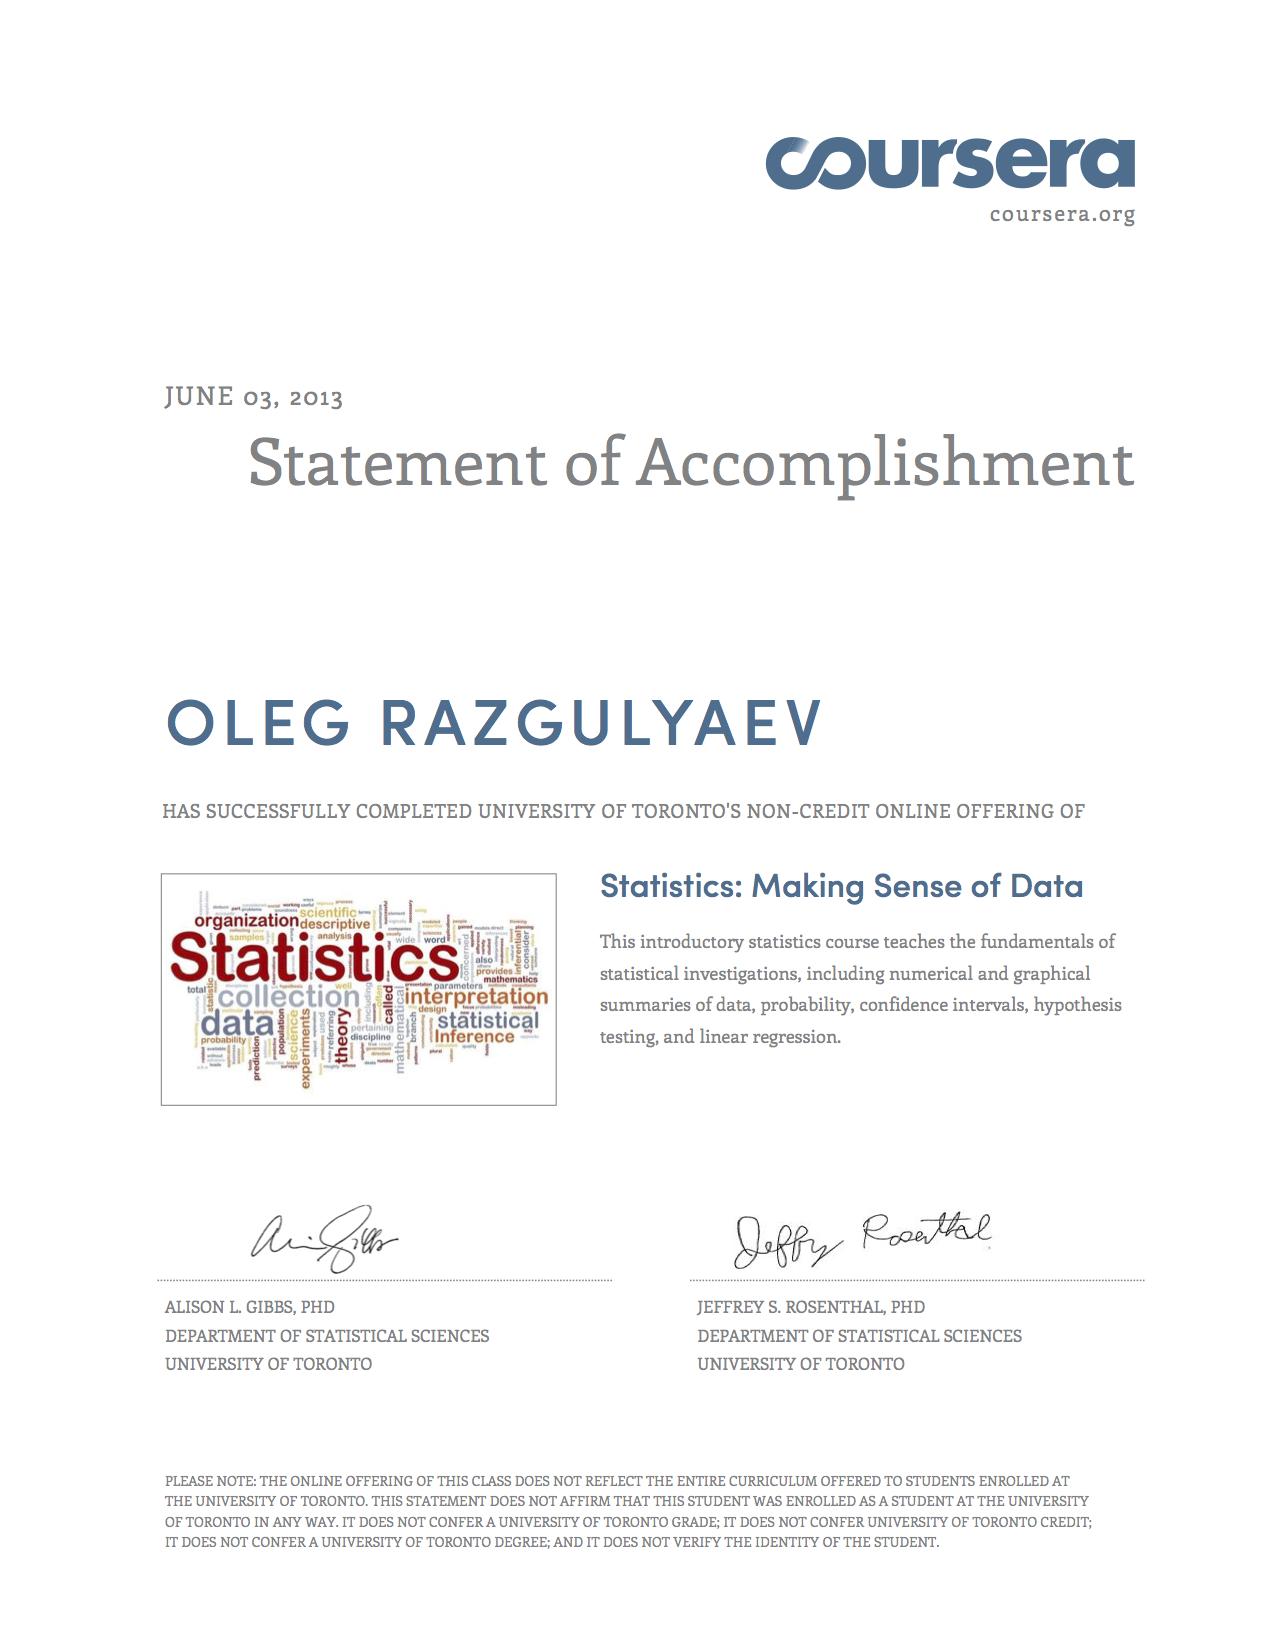 Oleg Razgulyaevs Certificates